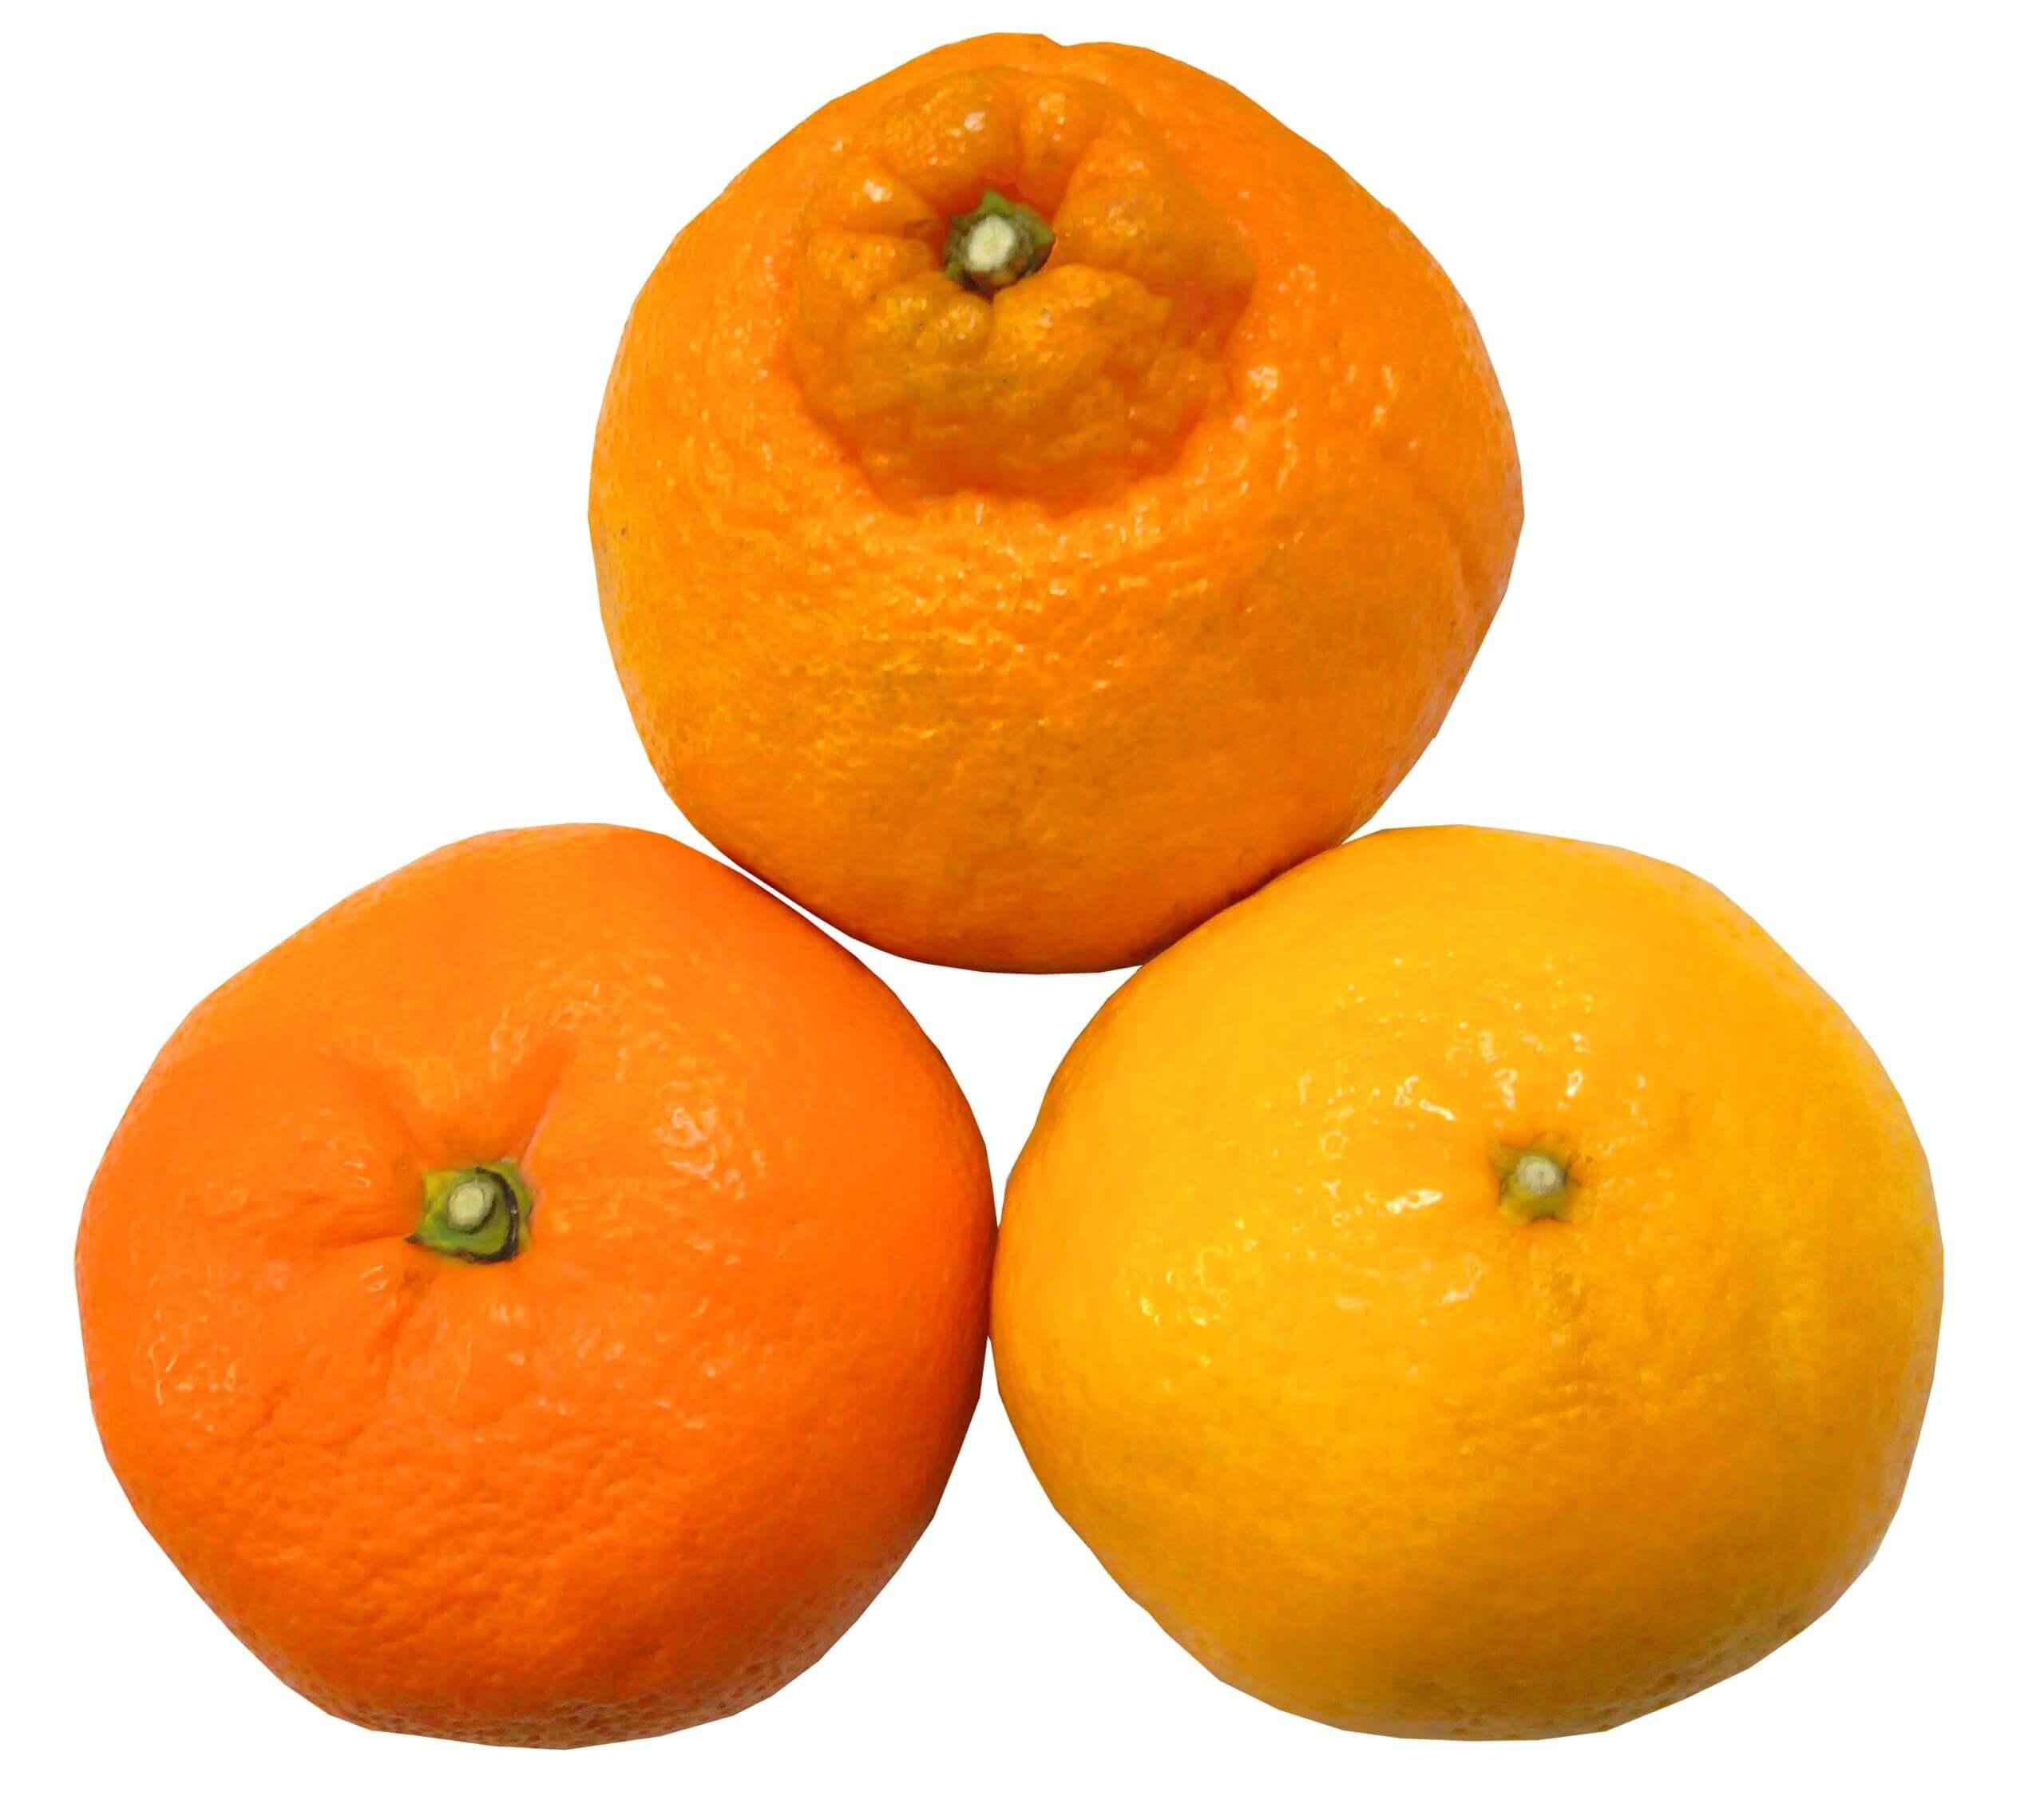 様々な柑橘類